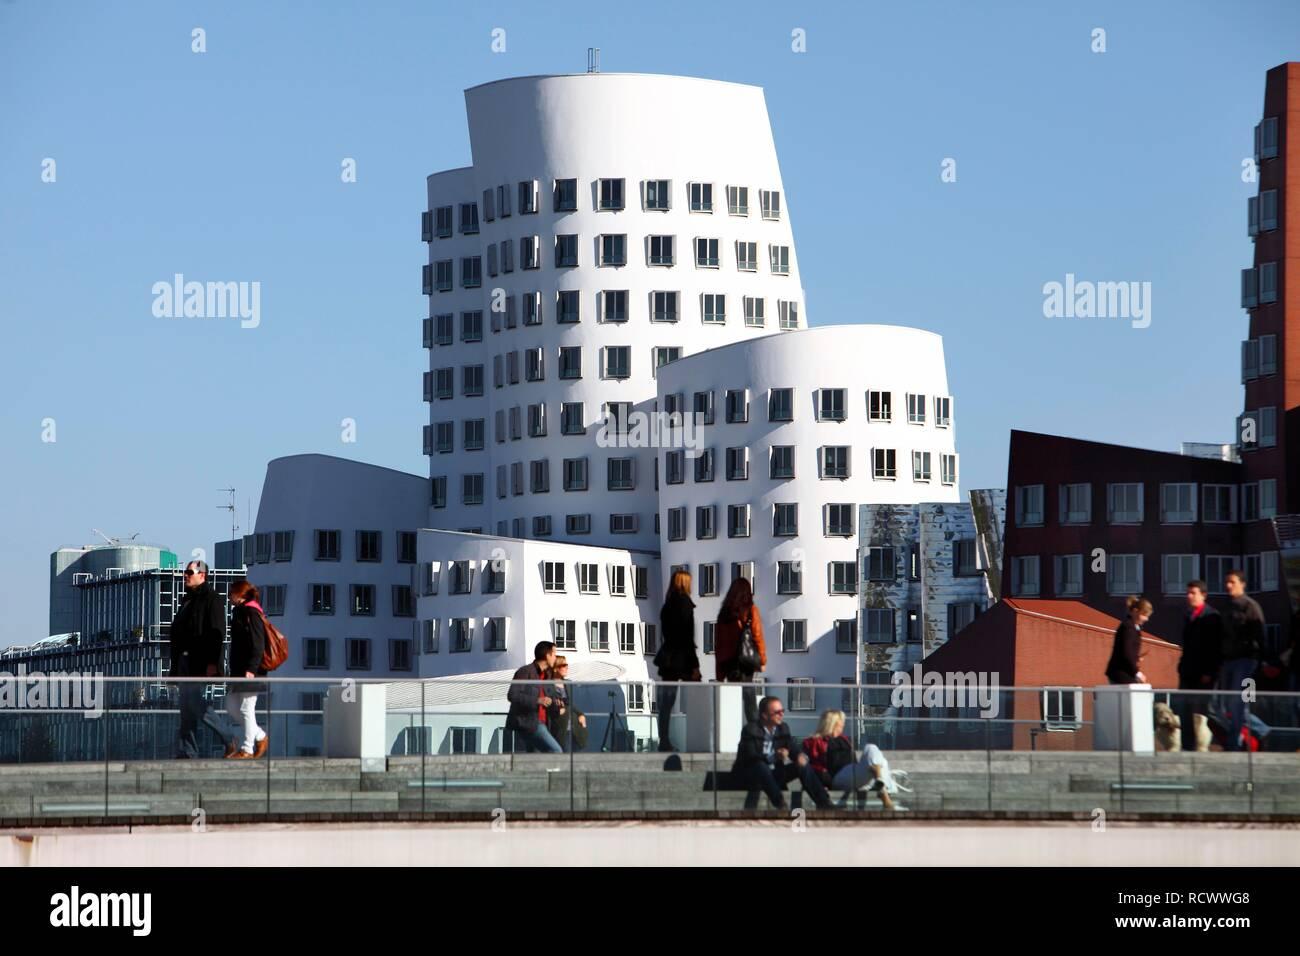 Neuer Zollhof, Gehry-Bauten, Architekt Frank O. Gehry im Medienhafen, Duesseldorf, Rheinland, Nordrhein-Westfalen, Deutschland - Stock Image